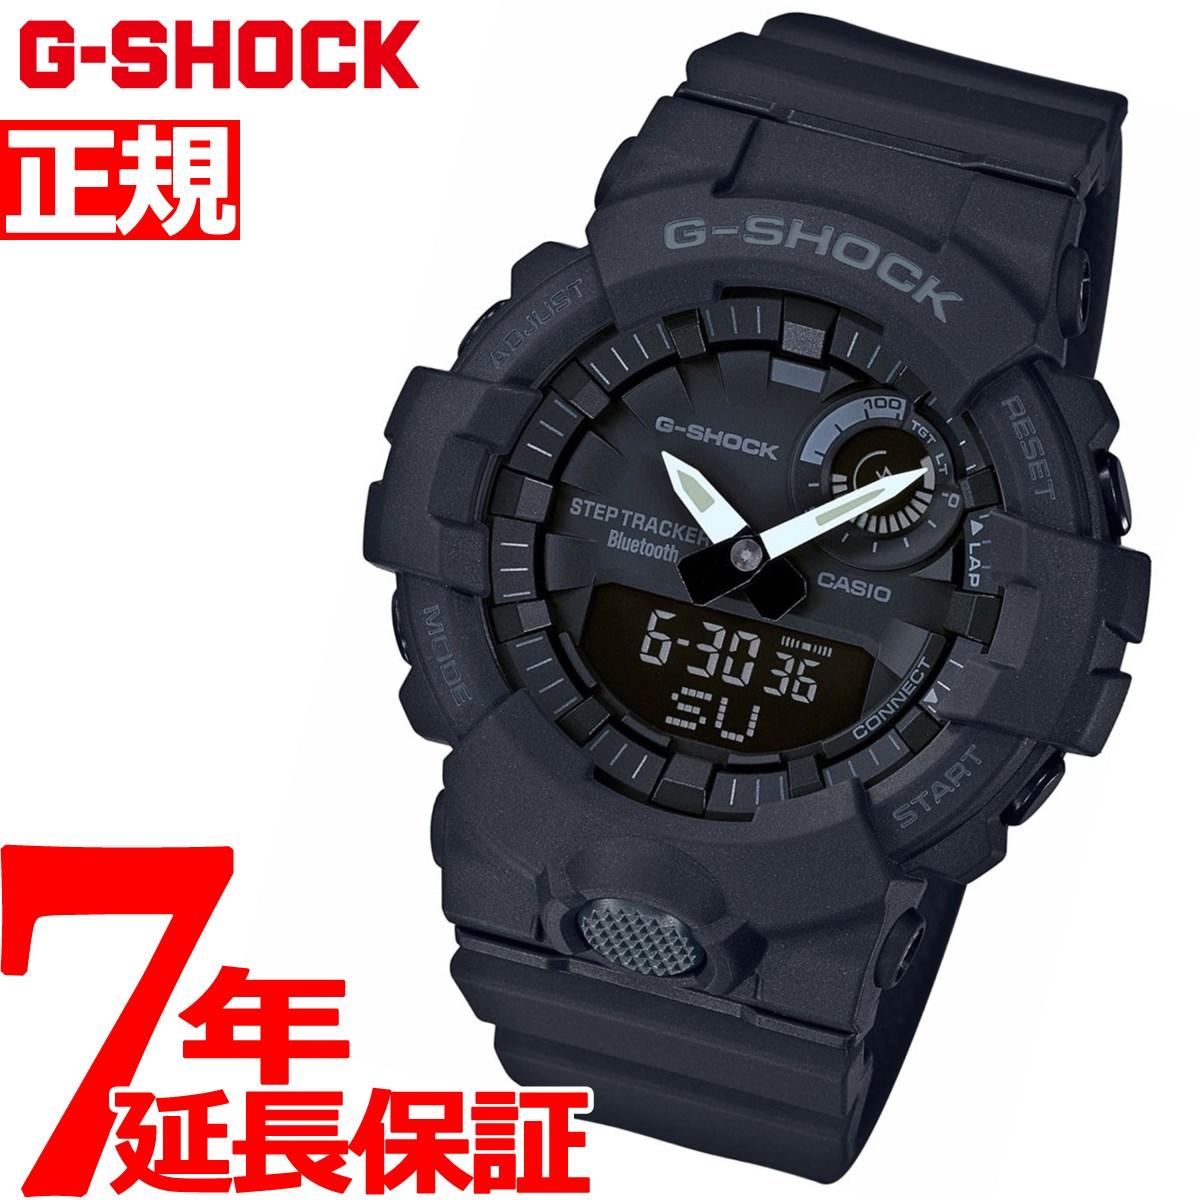 G-SHOCK G-SQUAD カシオ Gショック ジースクワッド CASIO 腕時計 メンズ GBA-800-1AJF【2018 新作】